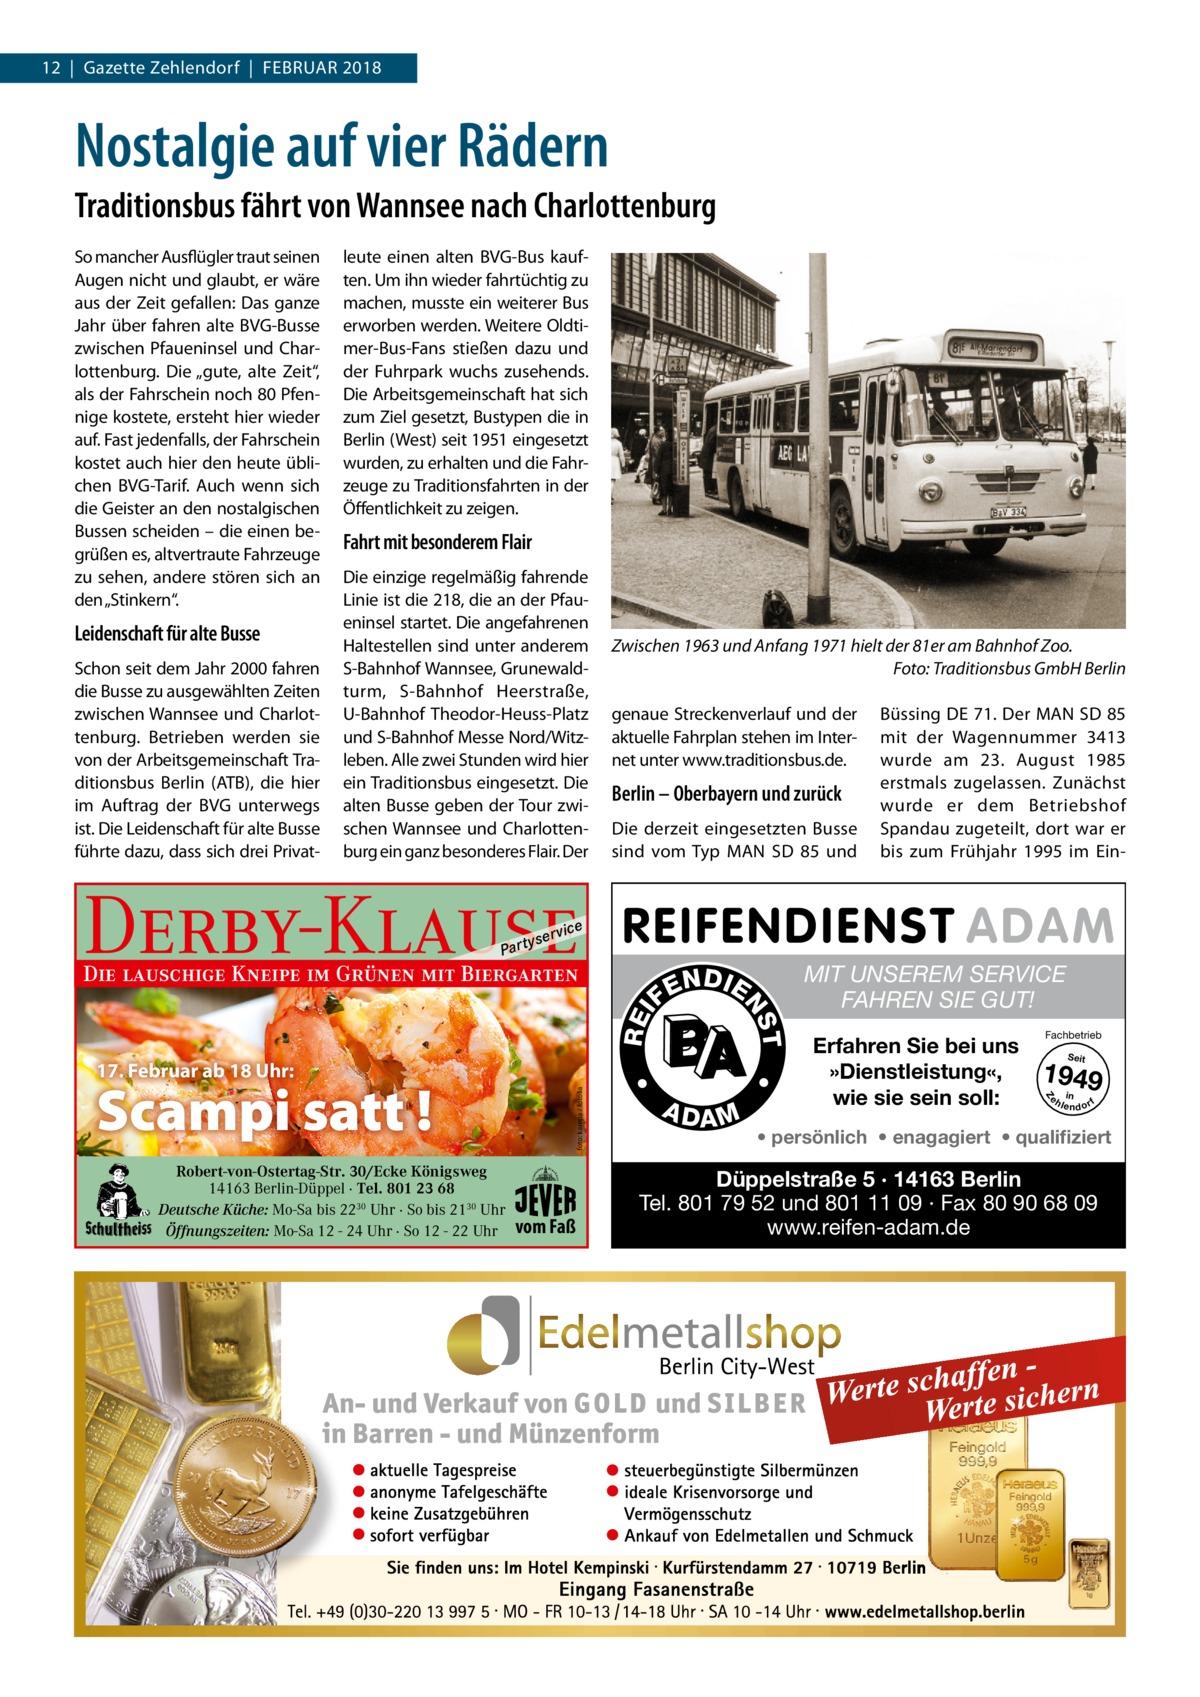 12|Gazette Zehlendorf|Februar 2018  Nostalgie auf vier Rädern Traditionsbus fährt von Wannsee nach Charlottenburg  Leidenschaft für alte Busse Schon seit dem Jahr 2000 fahren die Busse zu ausgewählten Zeiten zwischen Wannsee und Charlottenburg. Betrieben werden sie von der Arbeitsgemeinschaft Traditionsbus Berlin (ATB), die hier im Auftrag der BVG unterwegs ist. Die Leidenschaft für alte Busse führte dazu, dass sich drei Privat leute einen alten BVG-Bus kauften. Um ihn wieder fahrtüchtig zu machen, musste ein weiterer Bus erworben werden. Weitere Oldtimer-Bus-Fans stießen dazu und der Fuhrpark wuchs zusehends. Die Arbeitsgemeinschaft hat sich zum Ziel gesetzt, Bustypen die in Berlin (West) seit 1951 eingesetzt wurden, zu erhalten und die Fahrzeuge zu Traditionsfahrten in der Öffentlichkeit zu zeigen.  Fahrt mit besonderem Flair Die einzige regelmäßig fahrende Linie ist die 218, die an der Pfaueninsel startet. Die angefahrenen Haltestellen sind unter anderem S-Bahnhof Wannsee, Grunewaldturm, S-Bahnhof Heerstraße, U-Bahnhof Theodor-Heuss-Platz und S-Bahnhof Messe Nord/Witzleben. Alle zwei Stunden wird hier ein Traditionsbus eingesetzt. Die alten Busse geben der Tour zwischen Wannsee und Charlottenburg ein ganz besonderes Flair. Der  Zwischen 1963 und Anfang 1971 hielt der 81er am Bahnhof Zoo. � Foto: Traditionsbus GmbH Berlin genaue Streckenverlauf und der aktuelle Fahrplan stehen im Internet unter www.traditionsbus.de.  Berlin – Oberbayern und zurück Die derzeit eingesetzten Busse sind vom Typ MAN SD 85 und  Derby-Klause P ar t  yser  Die lauschige Kneipe im Grünen mit Biergarten  REI foto: karepa / fotolia  A DA M  MIT UNSEREM SERVICE FAHREN SIE GUT! Erfahren Sie bei uns »Dienstleistung«, wie sie sein soll:  Fachbetrieb Seit  1949 e h in lendorf  Z  vom Faß  T  Robert-von-Ostertag-Str. 30/Ecke Königsweg 14163 Berlin-Düppel · Tel. 801 23 68 Deutsche Küche: Mo-Sa bis 2230 Uhr · So bis 2130 Uhr Öffnungszeiten: Mo-Sa 12 - 24 Uhr · So 12 - 22 Uhr  N DI E  NS  FE  •  17. 